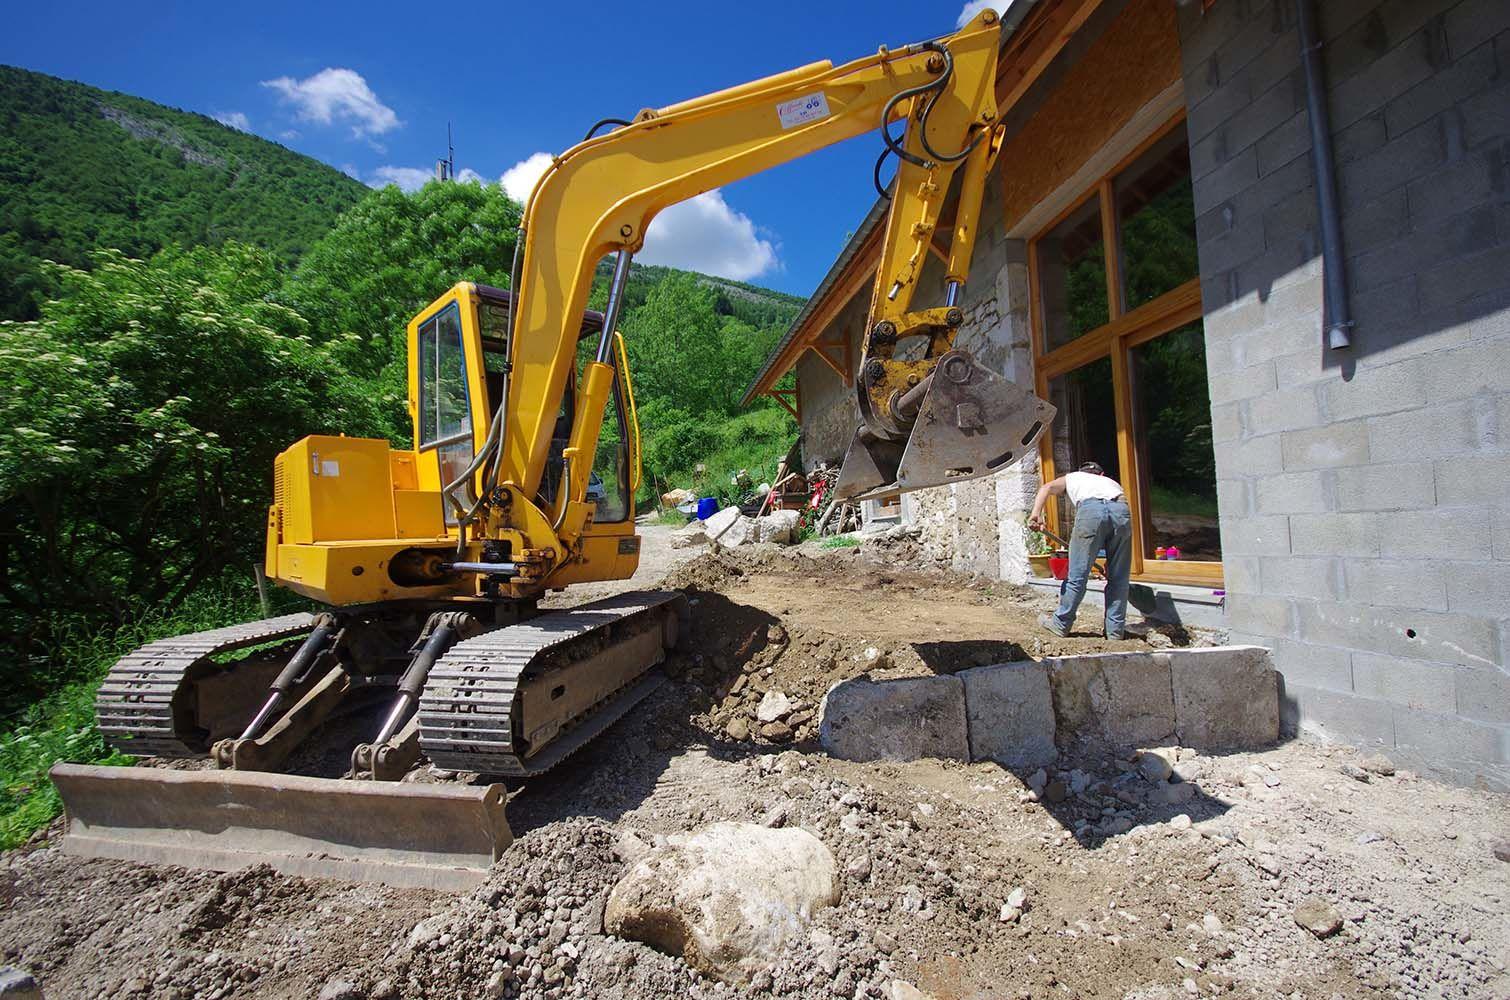 Travaux de terrassement : pourquoi miser sur des ingénieurs en travaux de VRD?